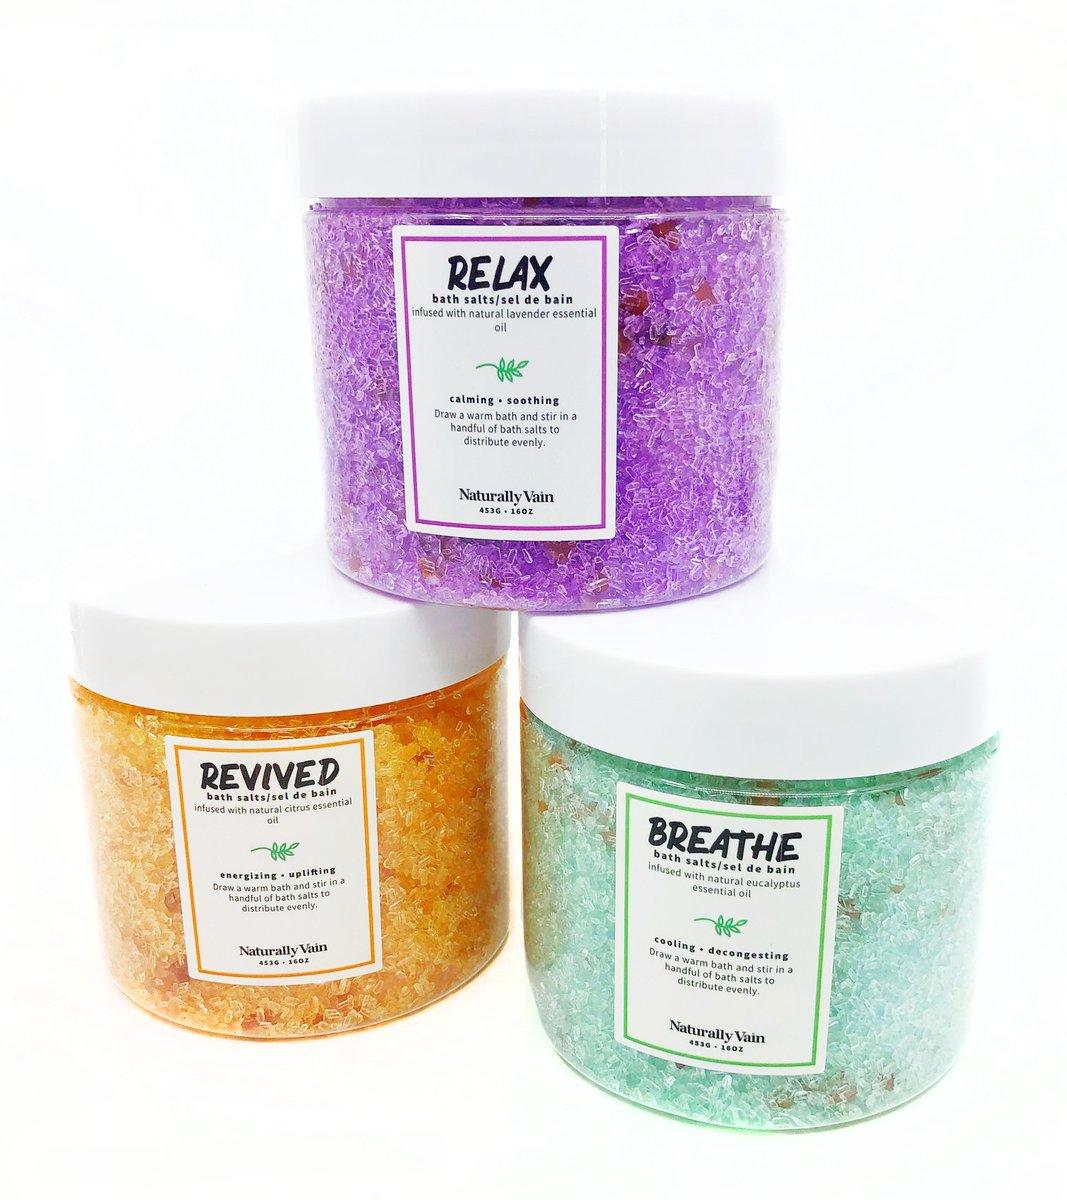 Cliquez ici pour acheter Set of 3 bath salts